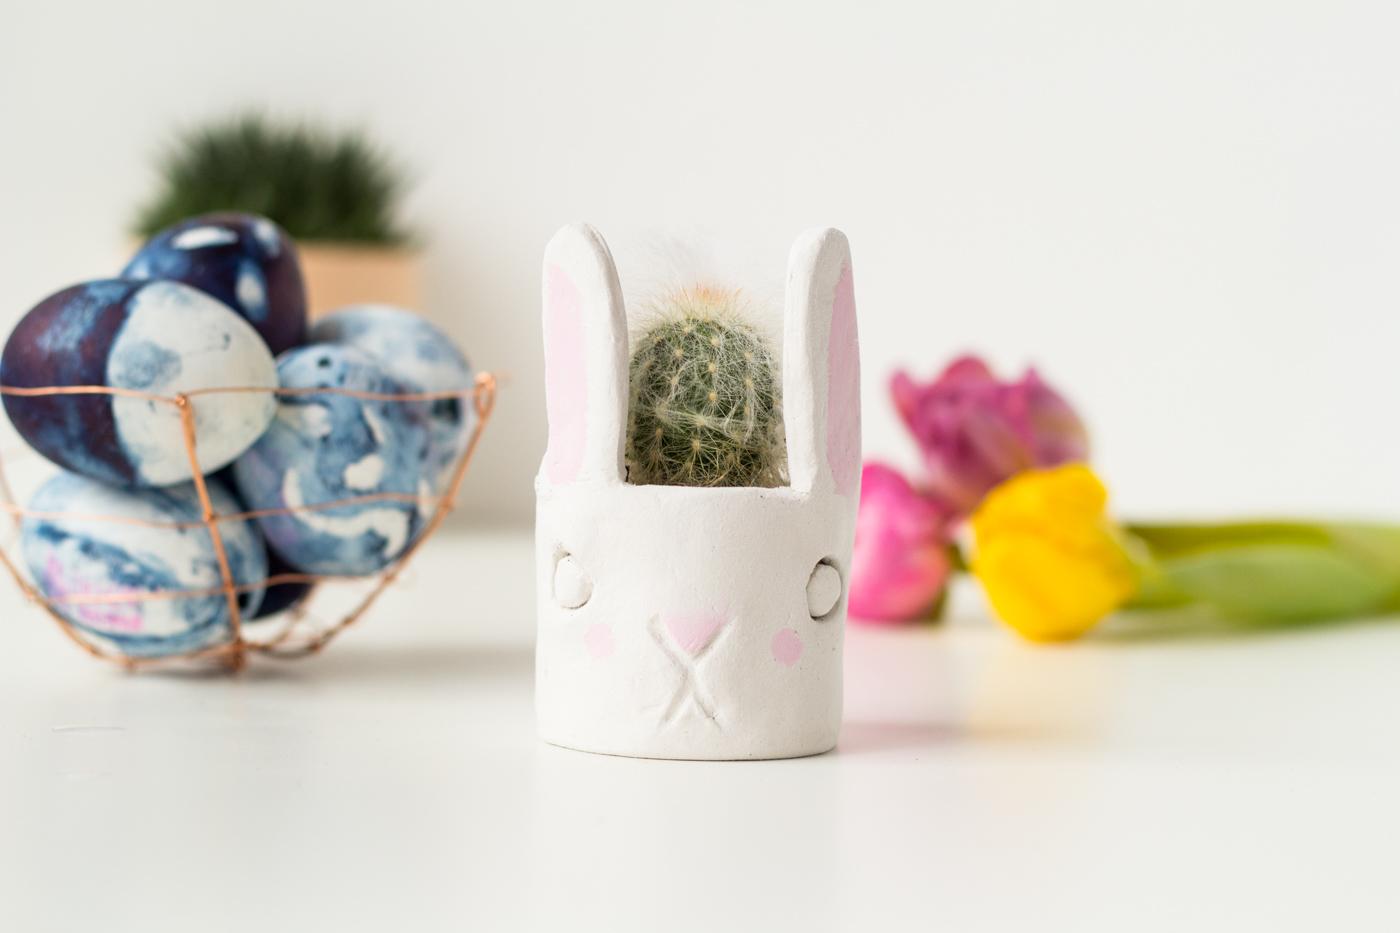 DIY Mini Cacti Bunny Planter | @fallfordiy-21